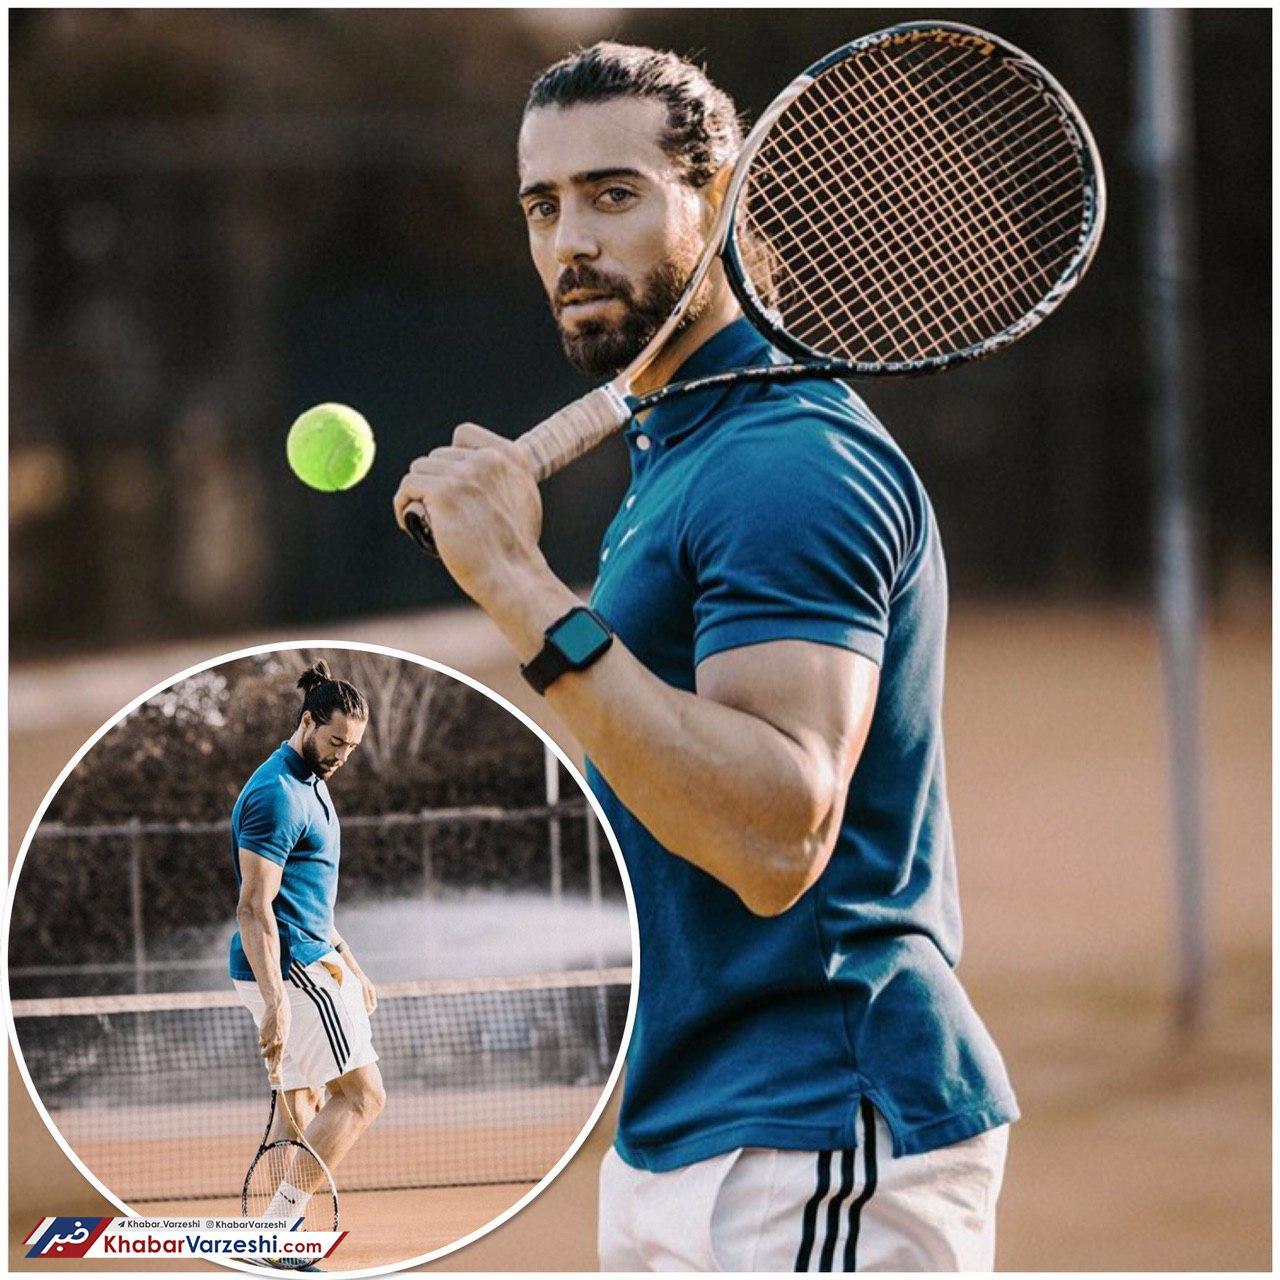 عکس| فوتبالیست معروفی که ناگهان تنیسور شد!